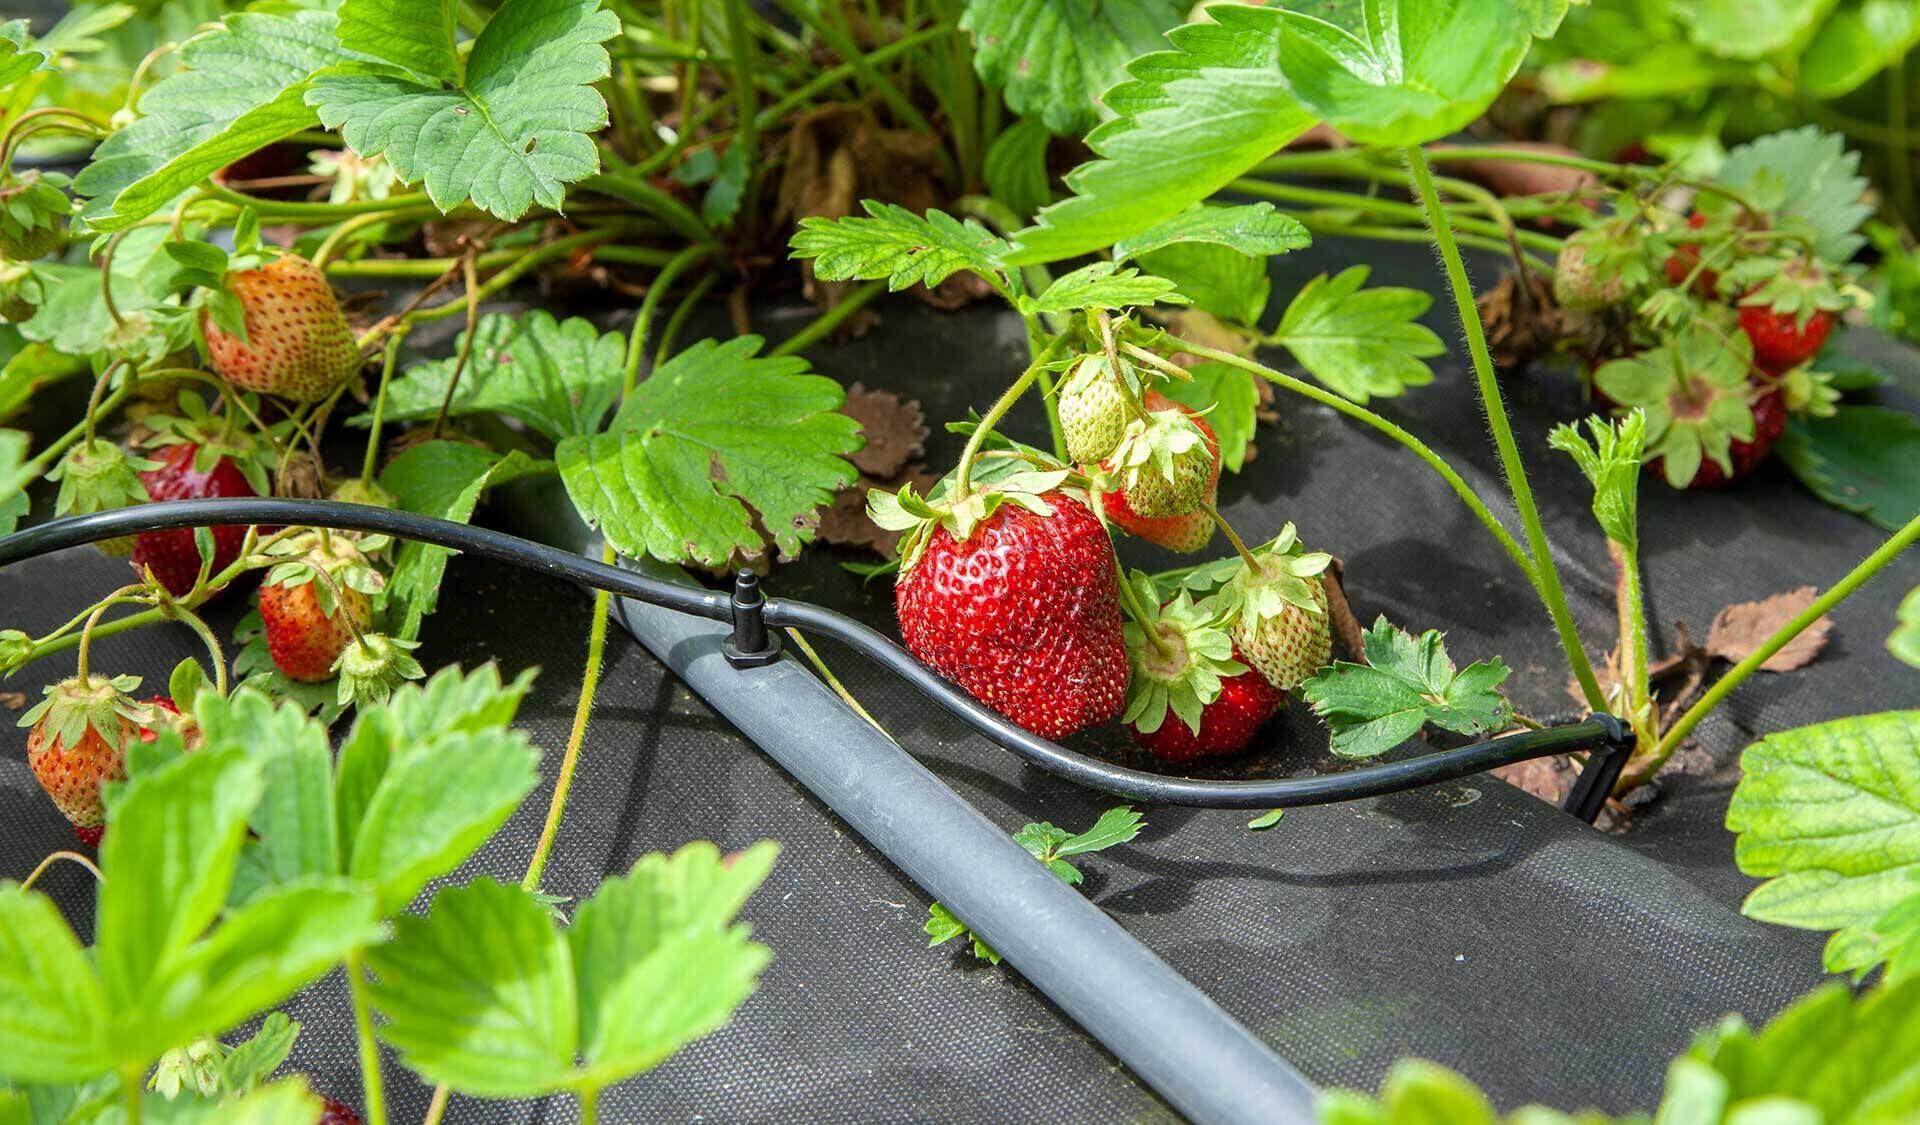 Erdbeerpflanzen mit reifen Erdbeeren